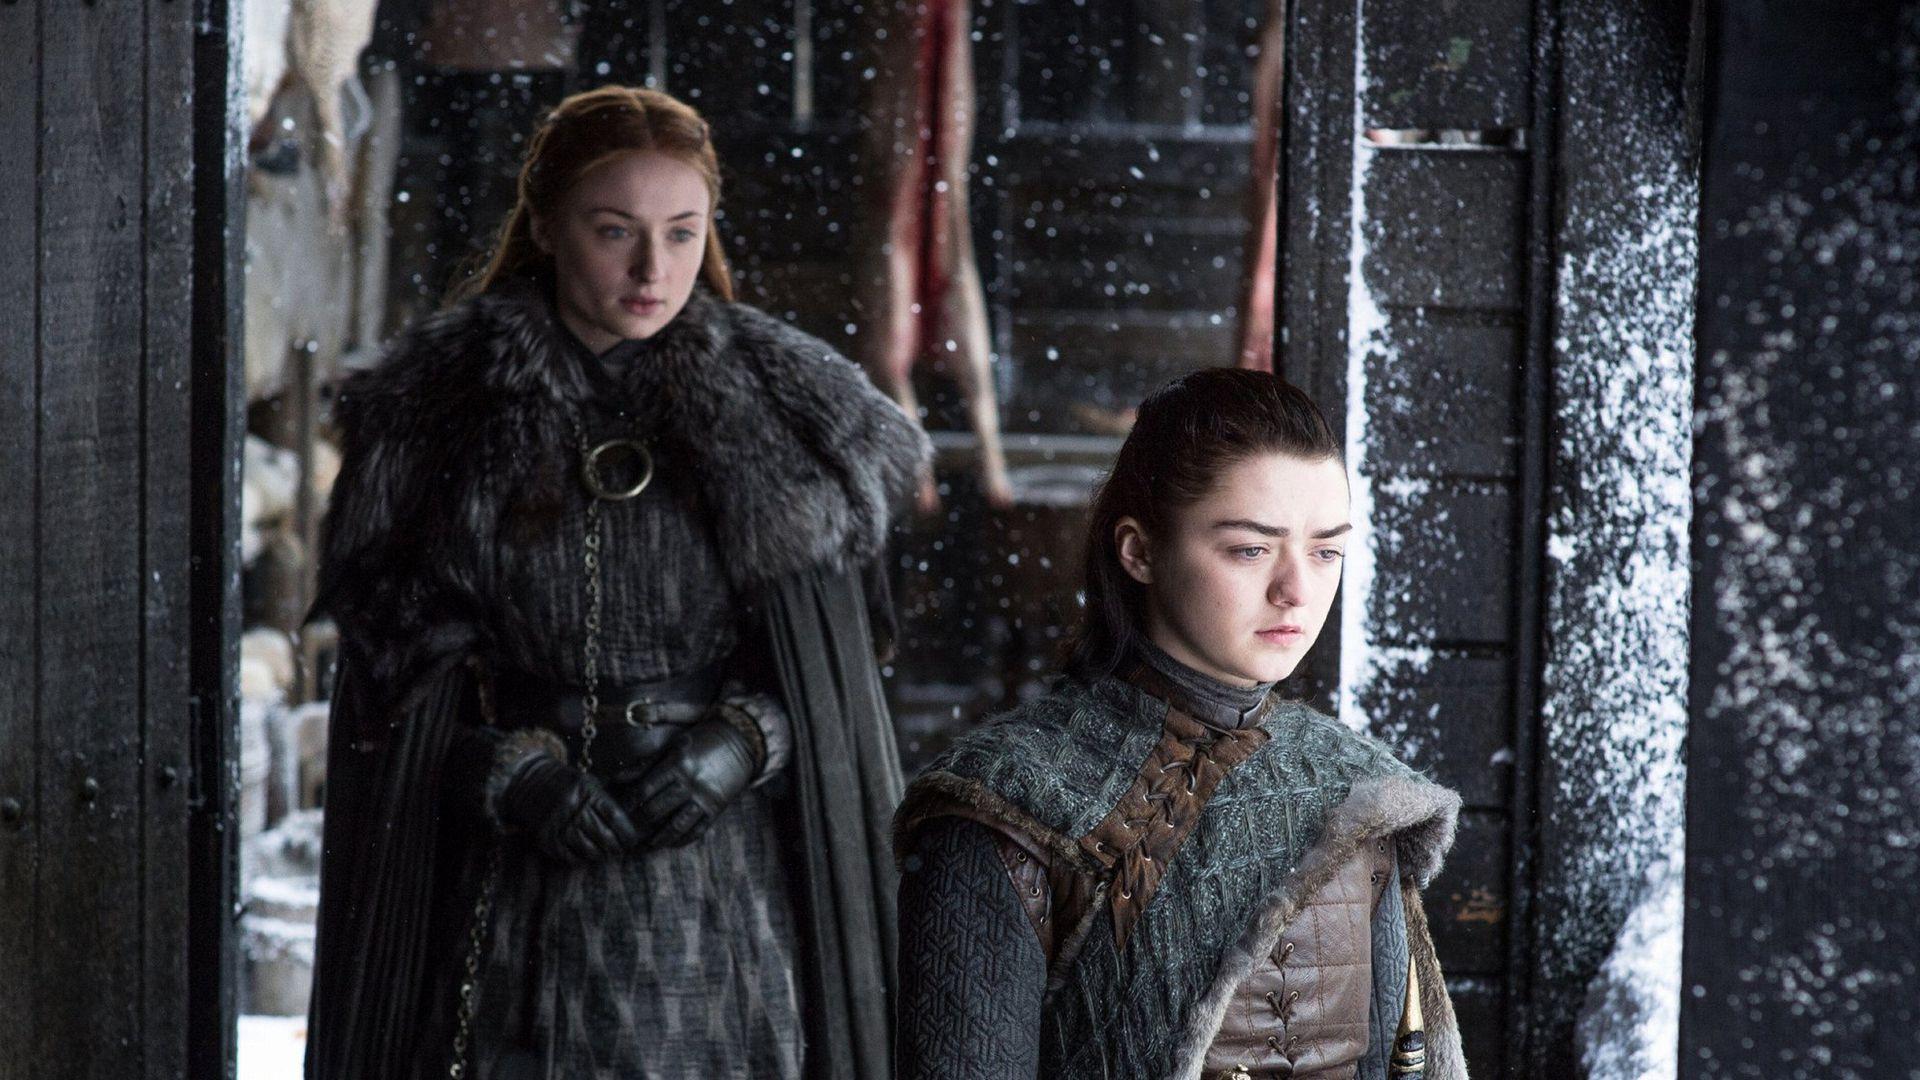 Verr-t-Game-of-Thrones-Trailer-den-Tod-dieser-Charaktere-